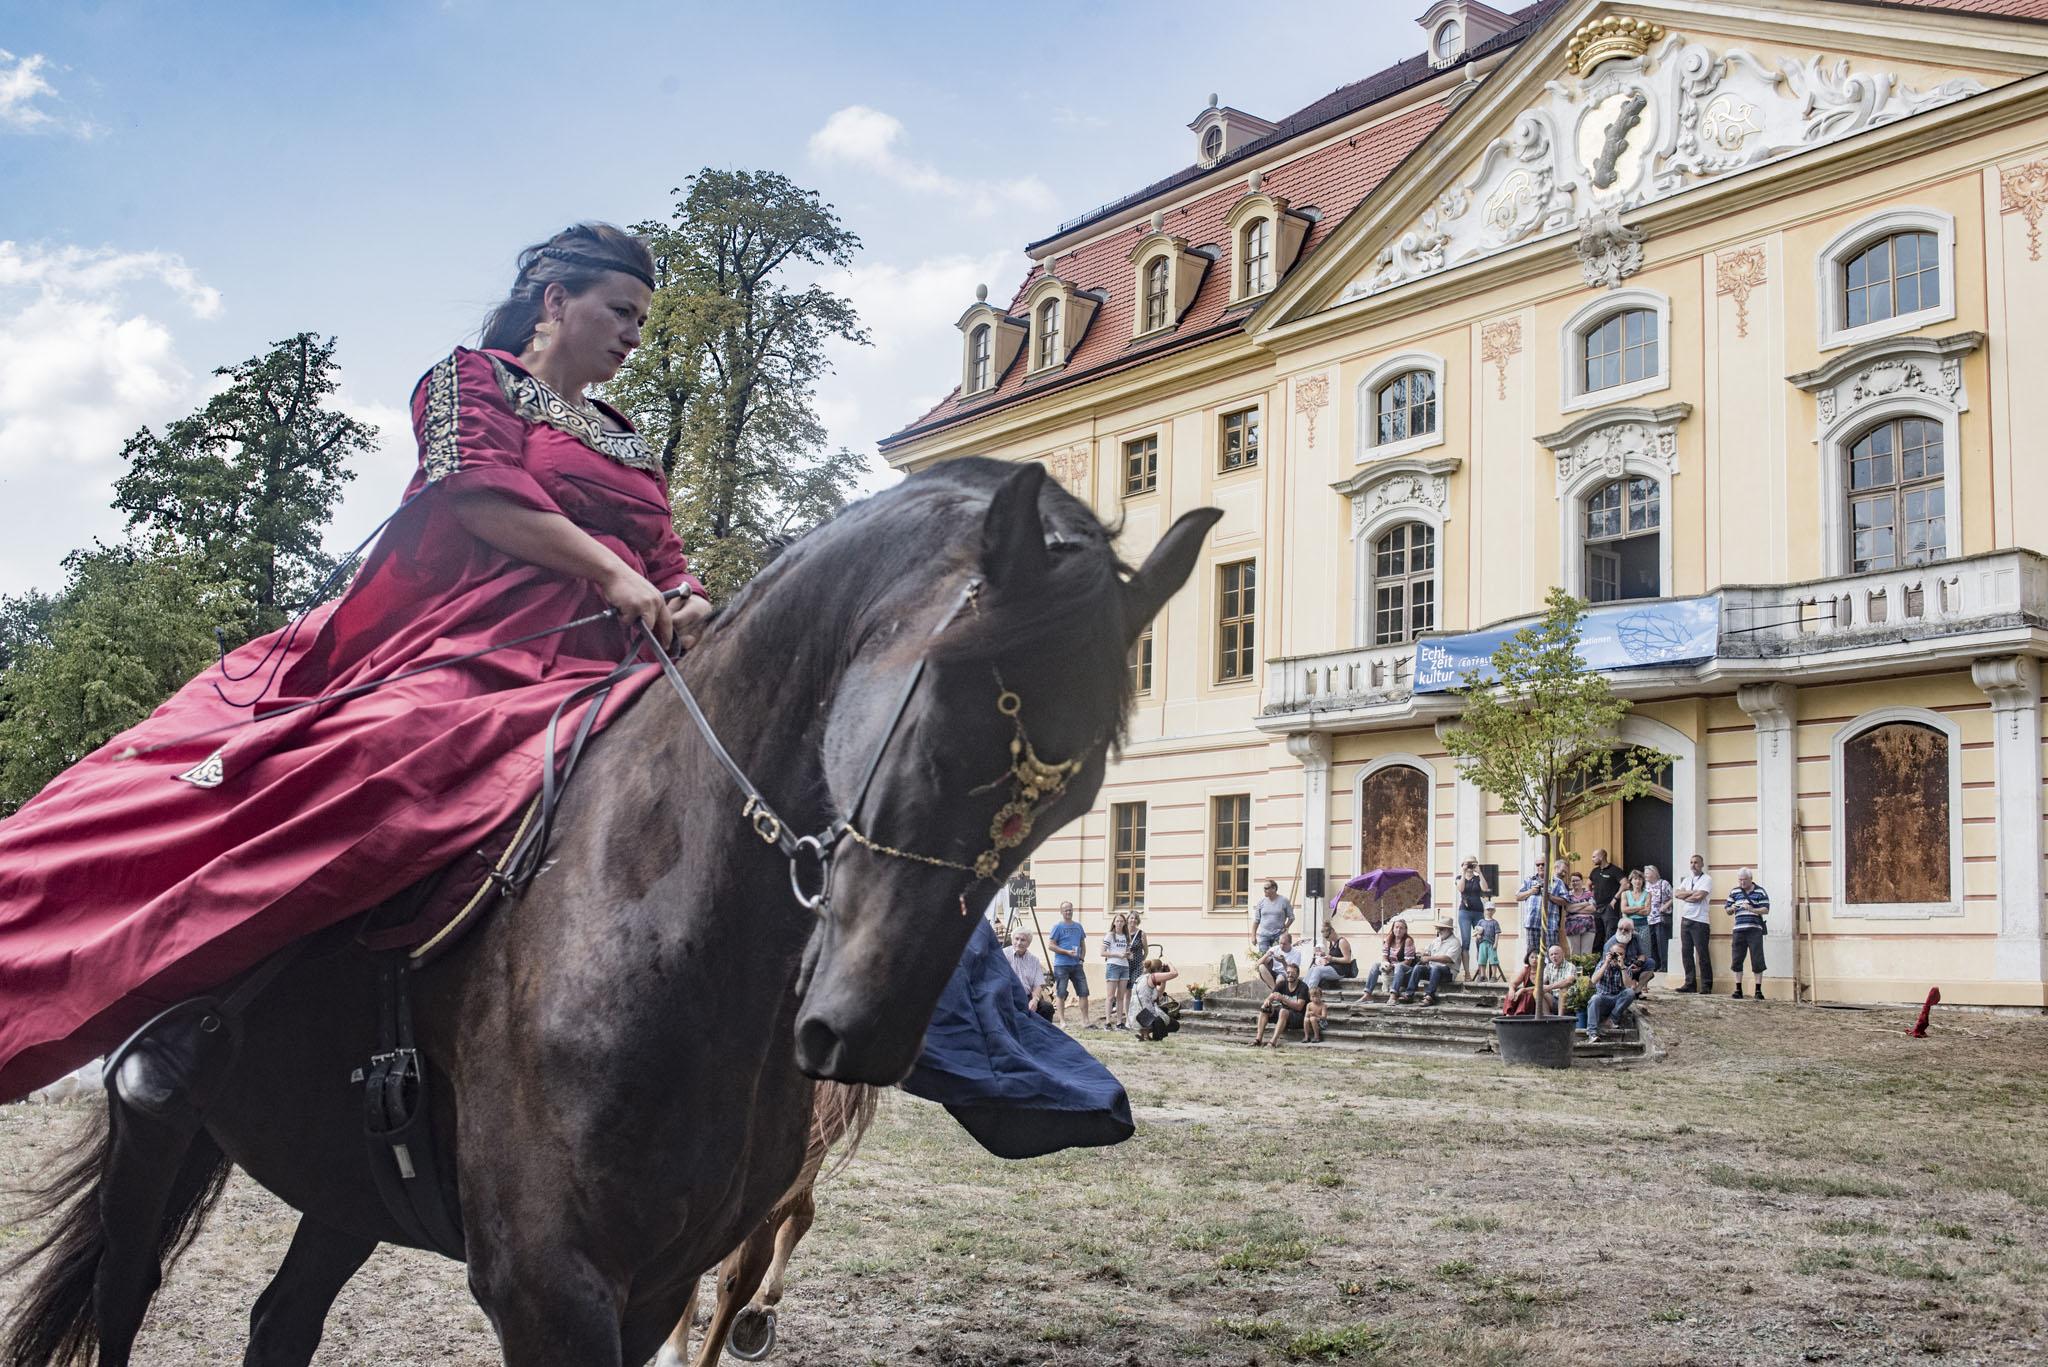 Barockreiterei des Wunder Land e.V.  vor dem Wasserschloss Wachau am 18. August 2018. Foto: René Plaul © ORLA e.V.